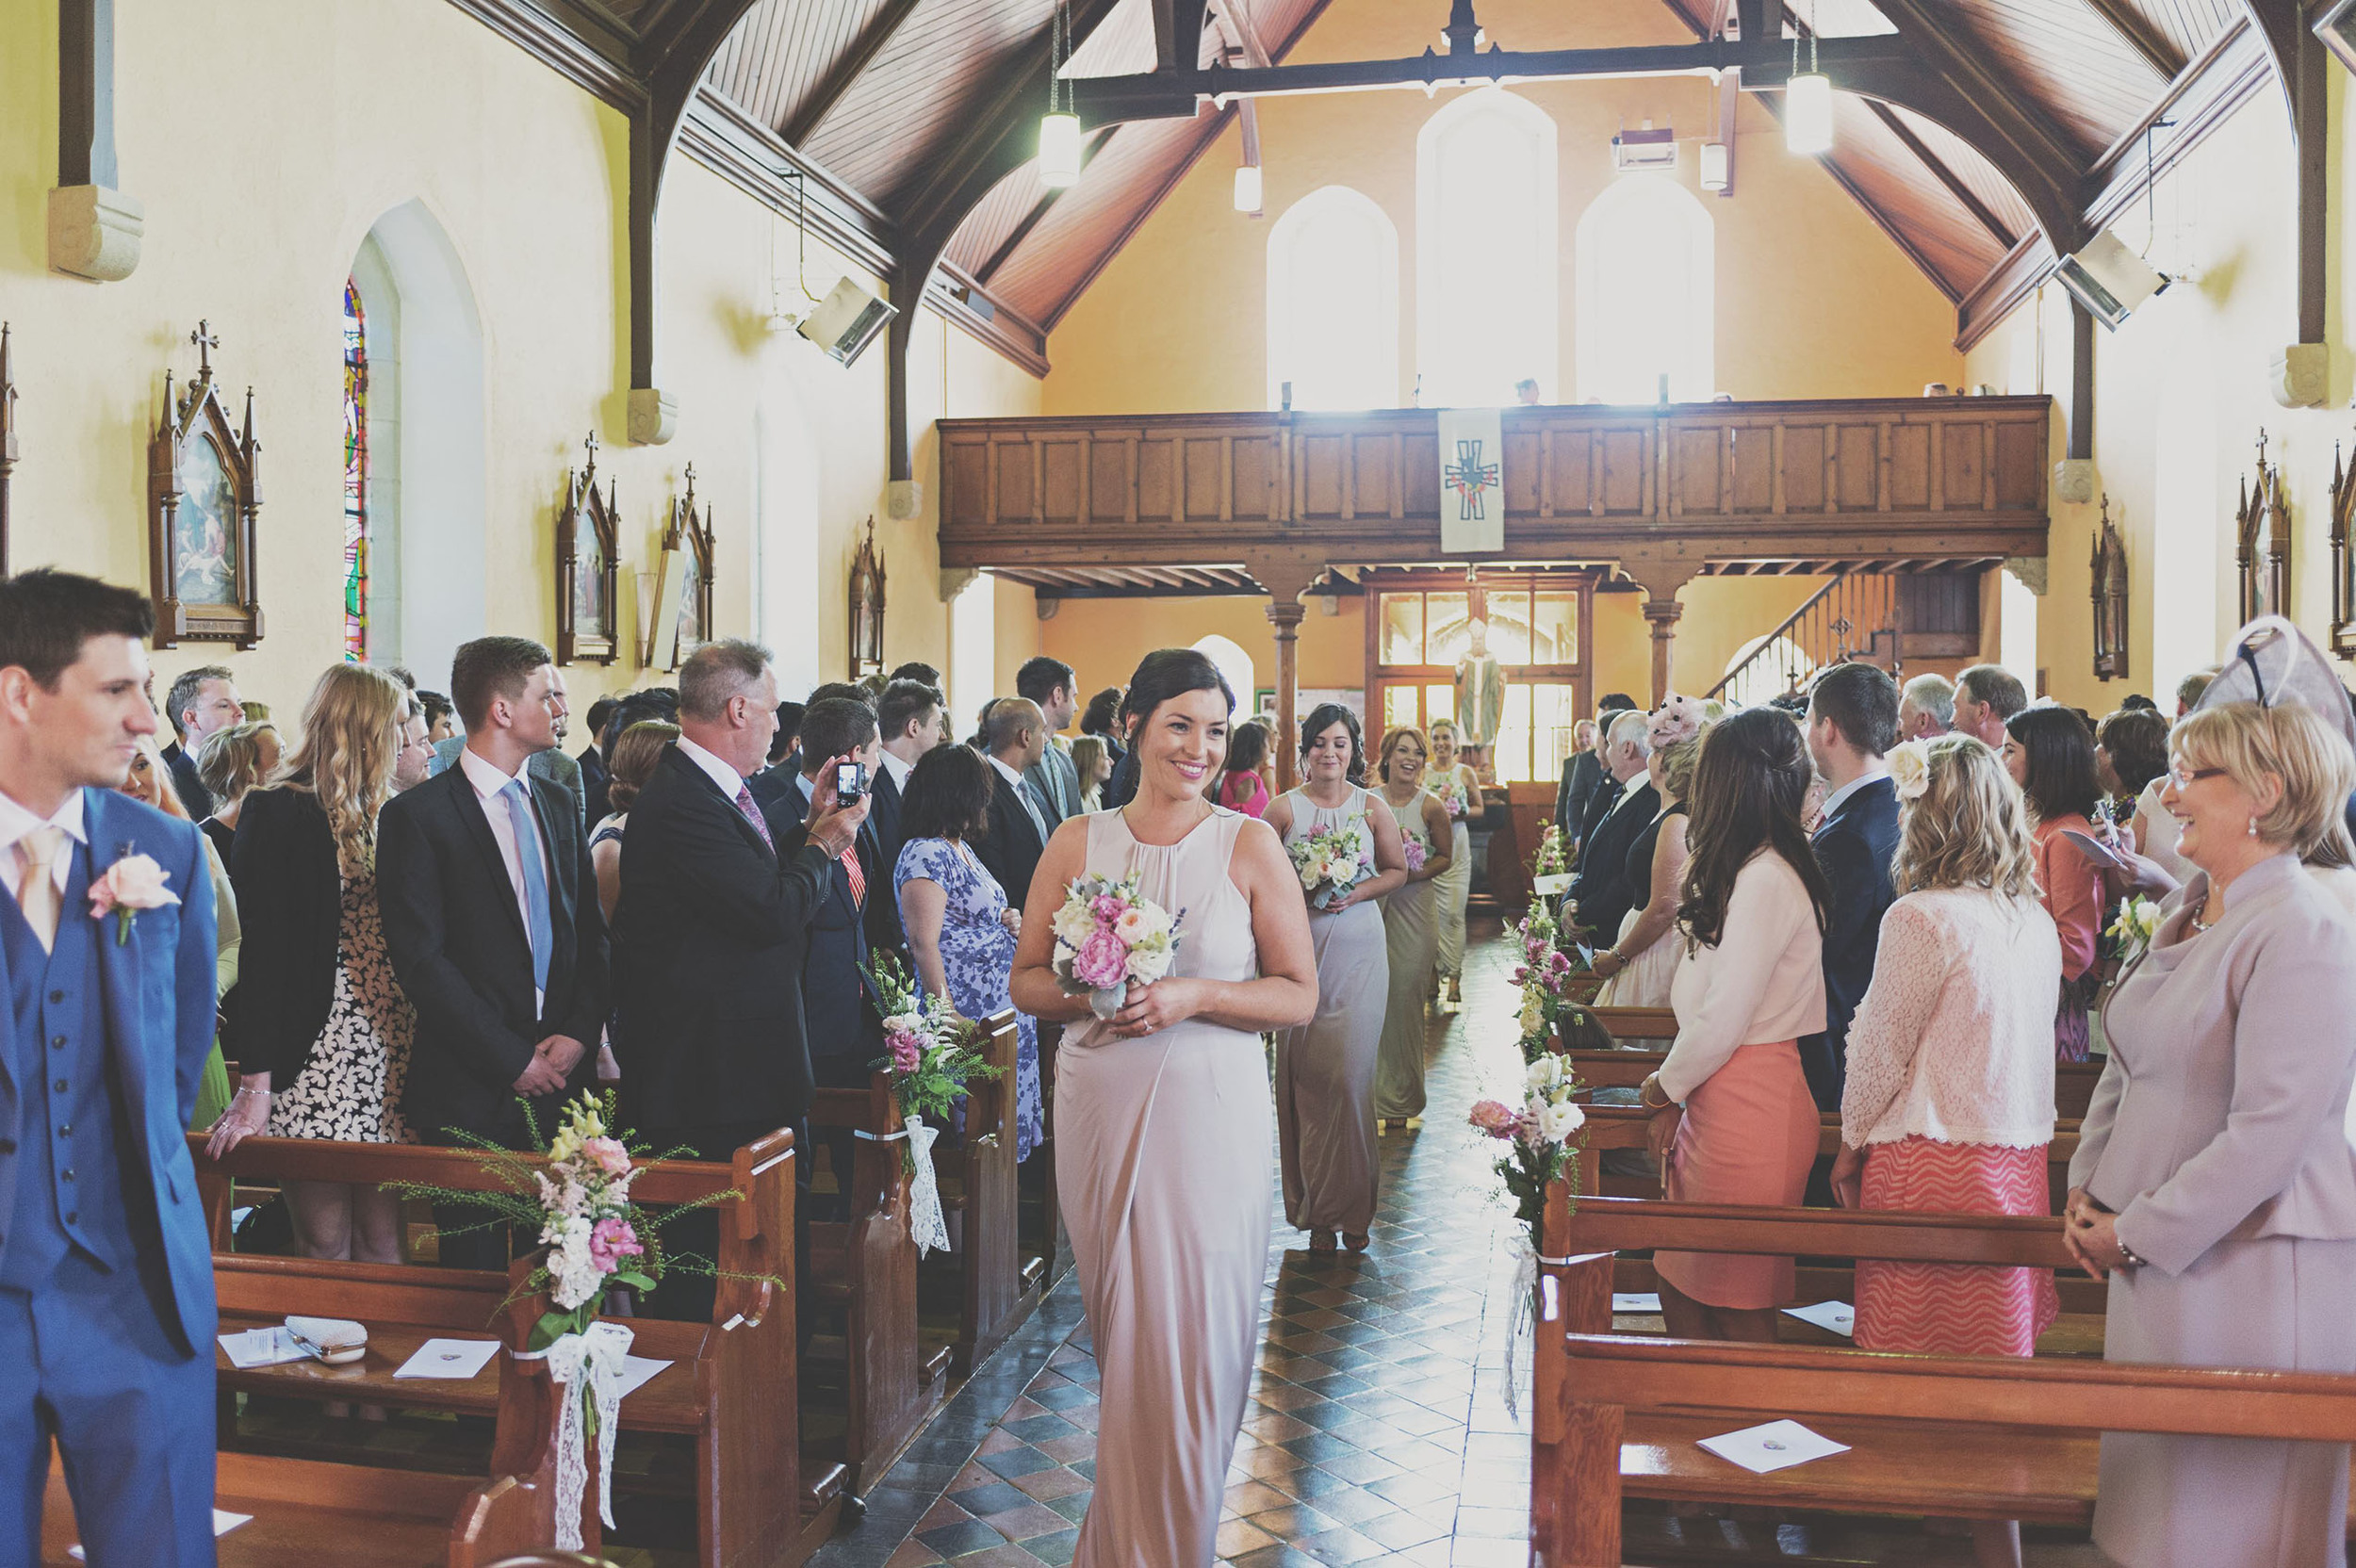 Julie & Matt's Seafield Wedding by Studio33weddings 034.jpg